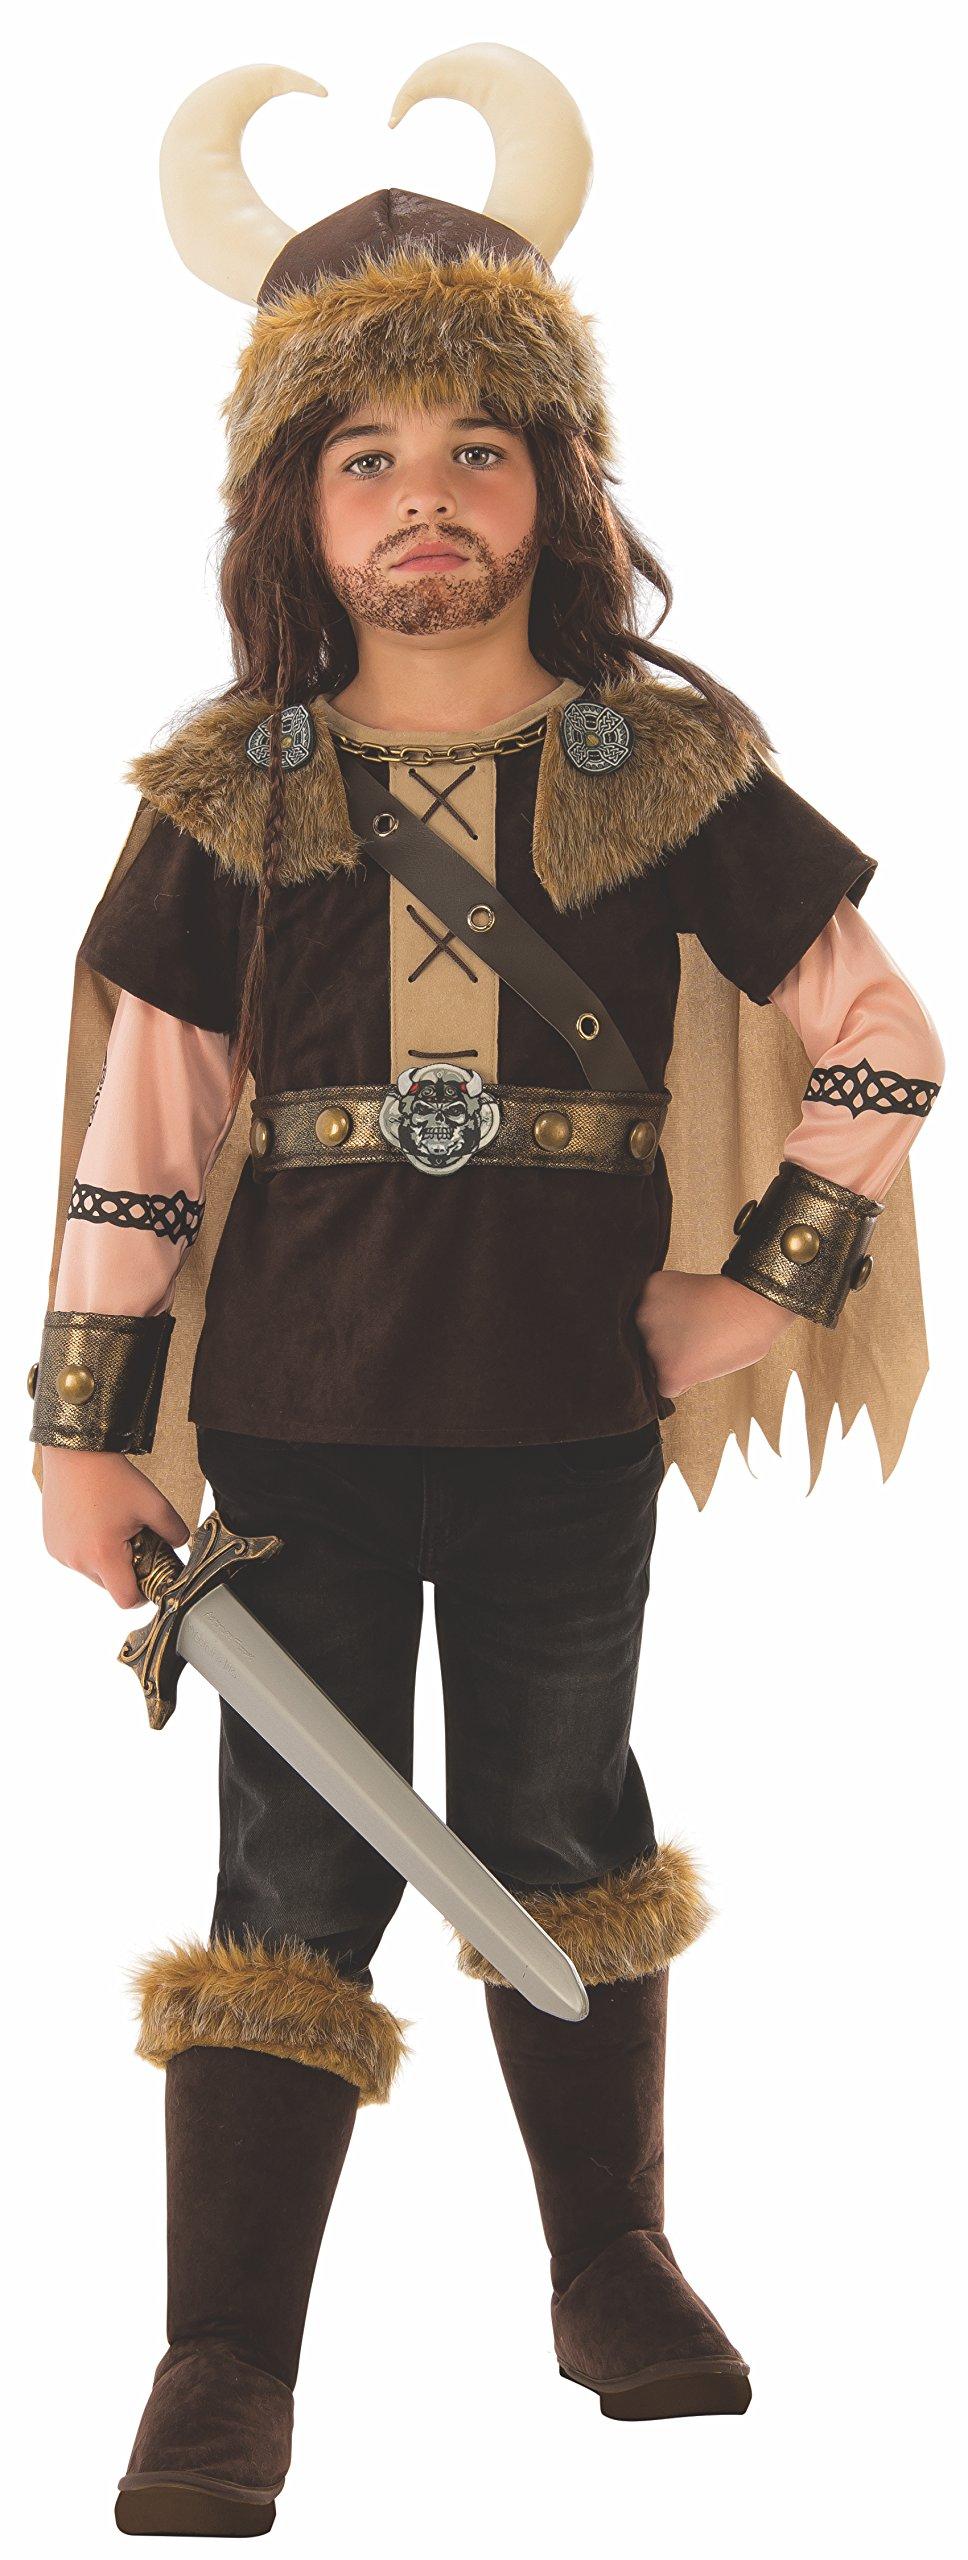 Medium Rubies Viking Warrior Costume